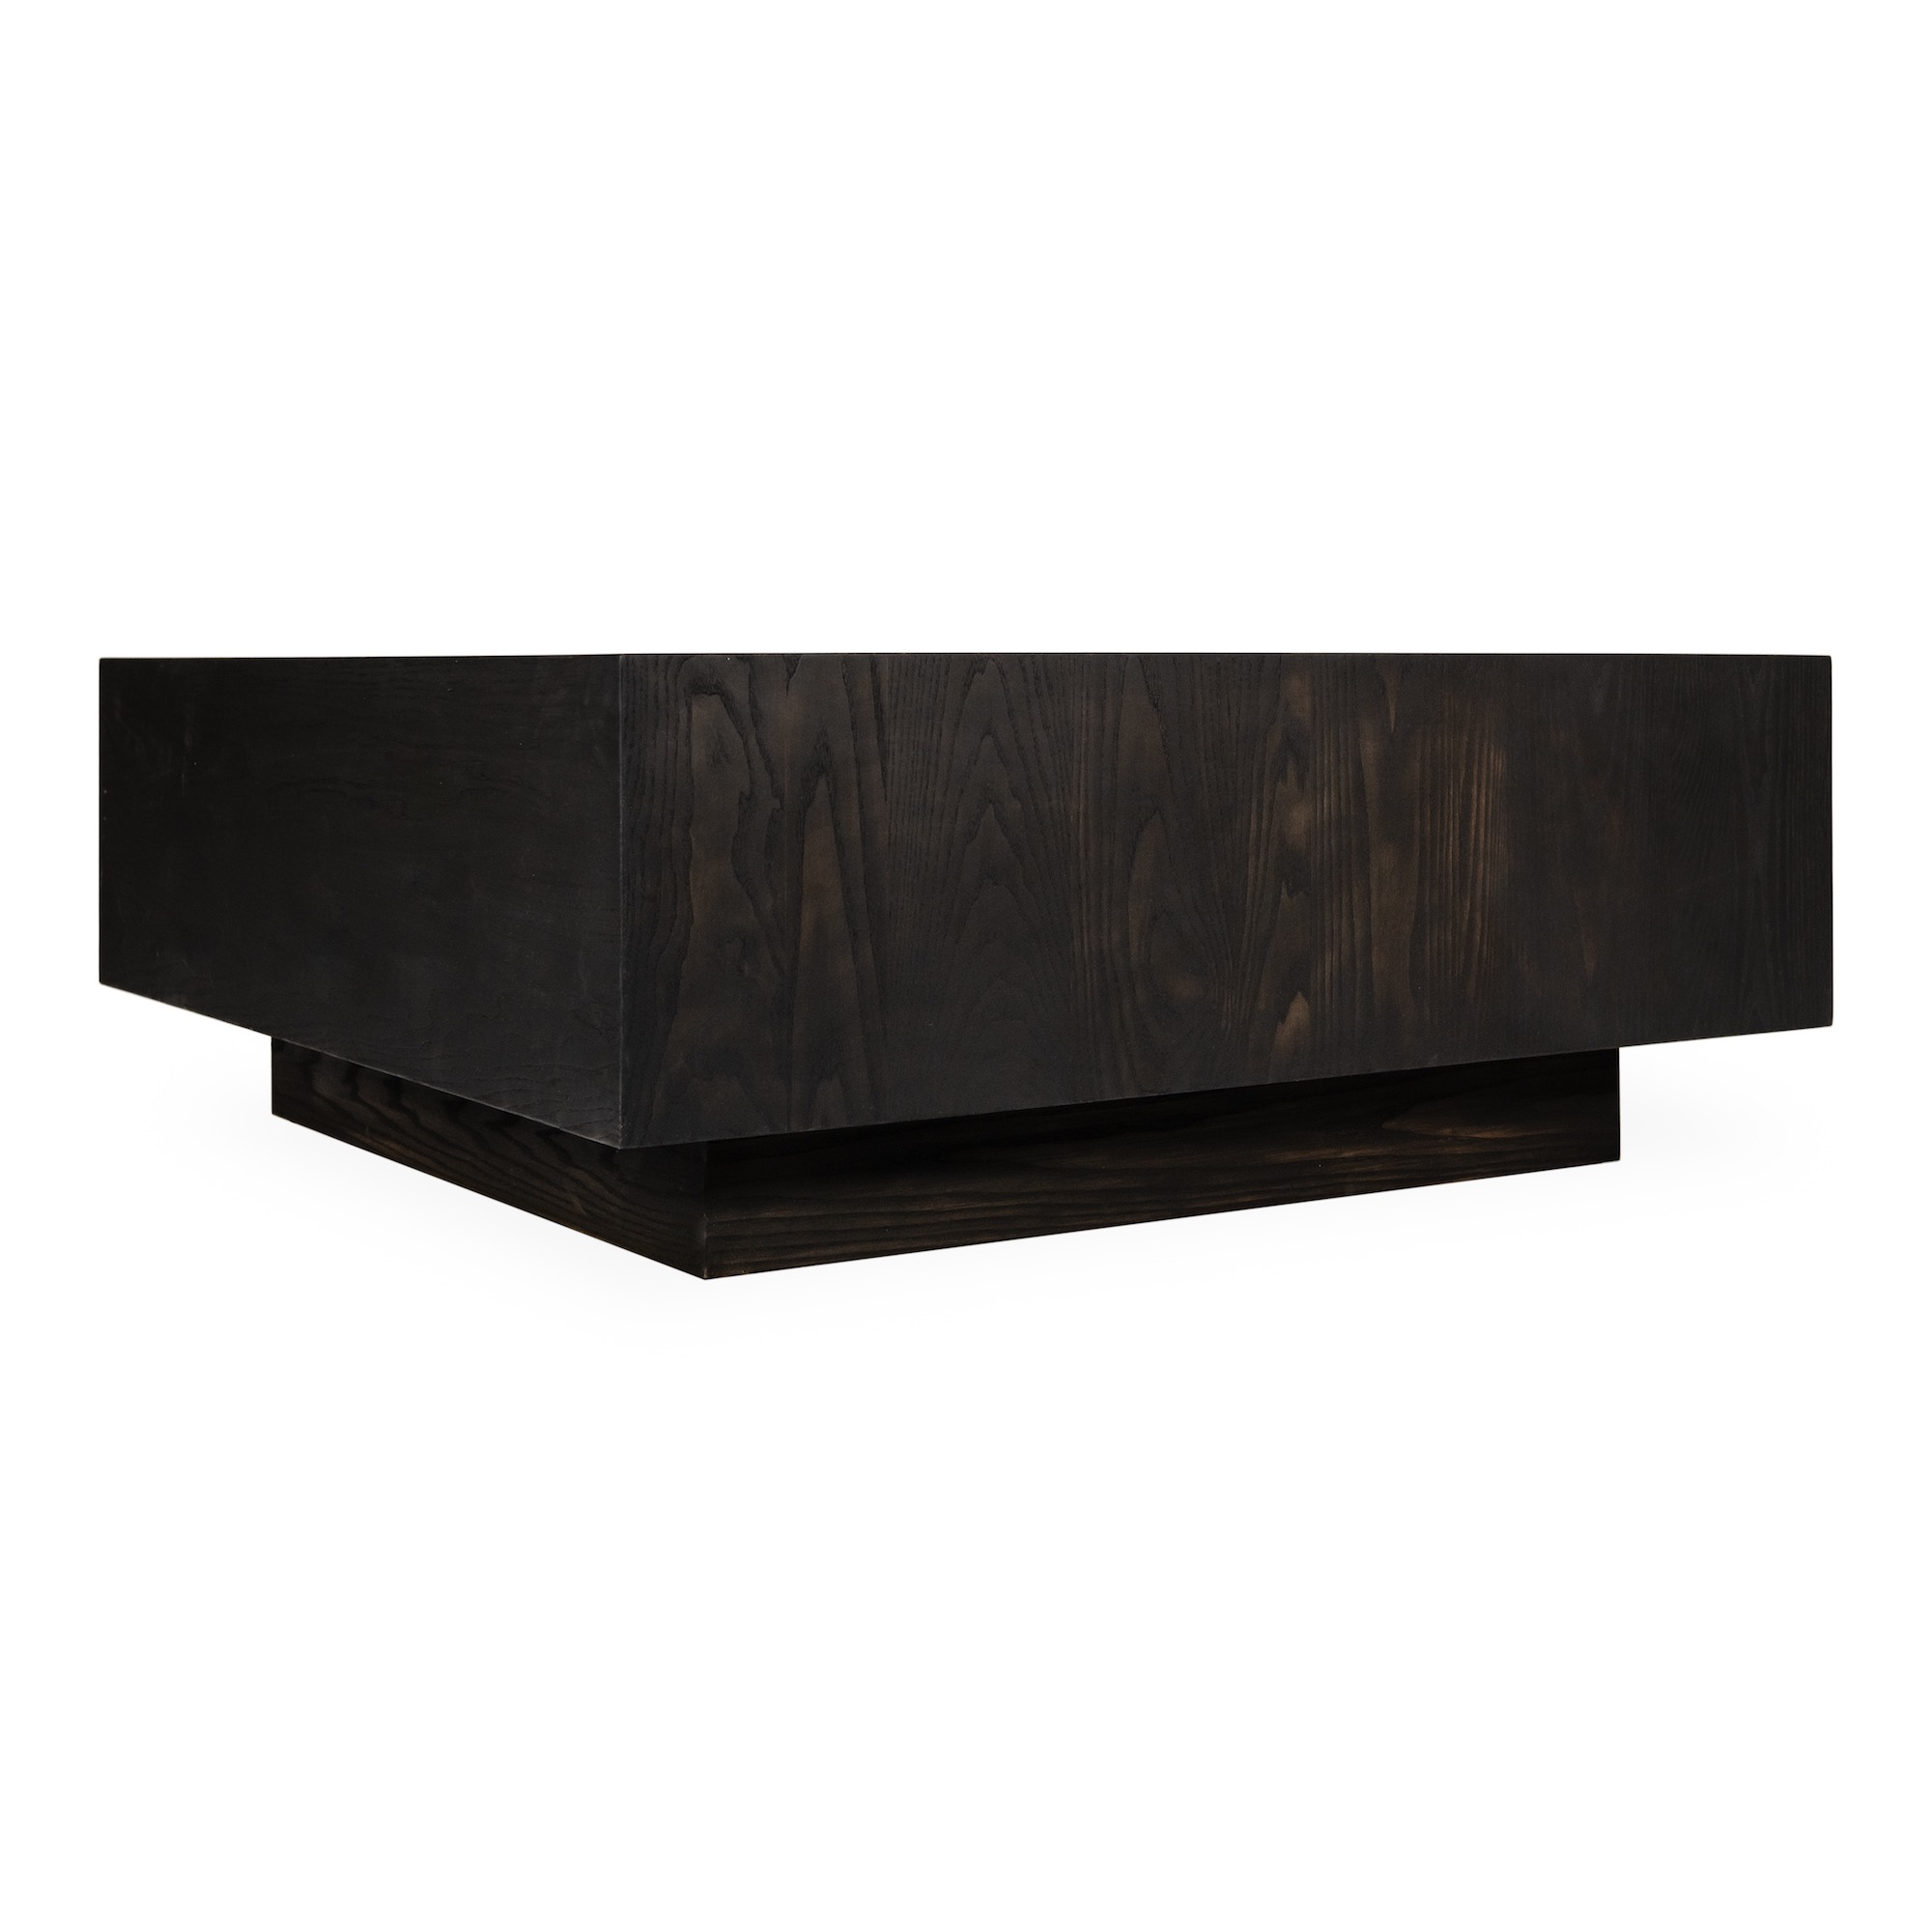 Woodcraft_Furniture_TofinoCoffeeTable-4-3.jpeg